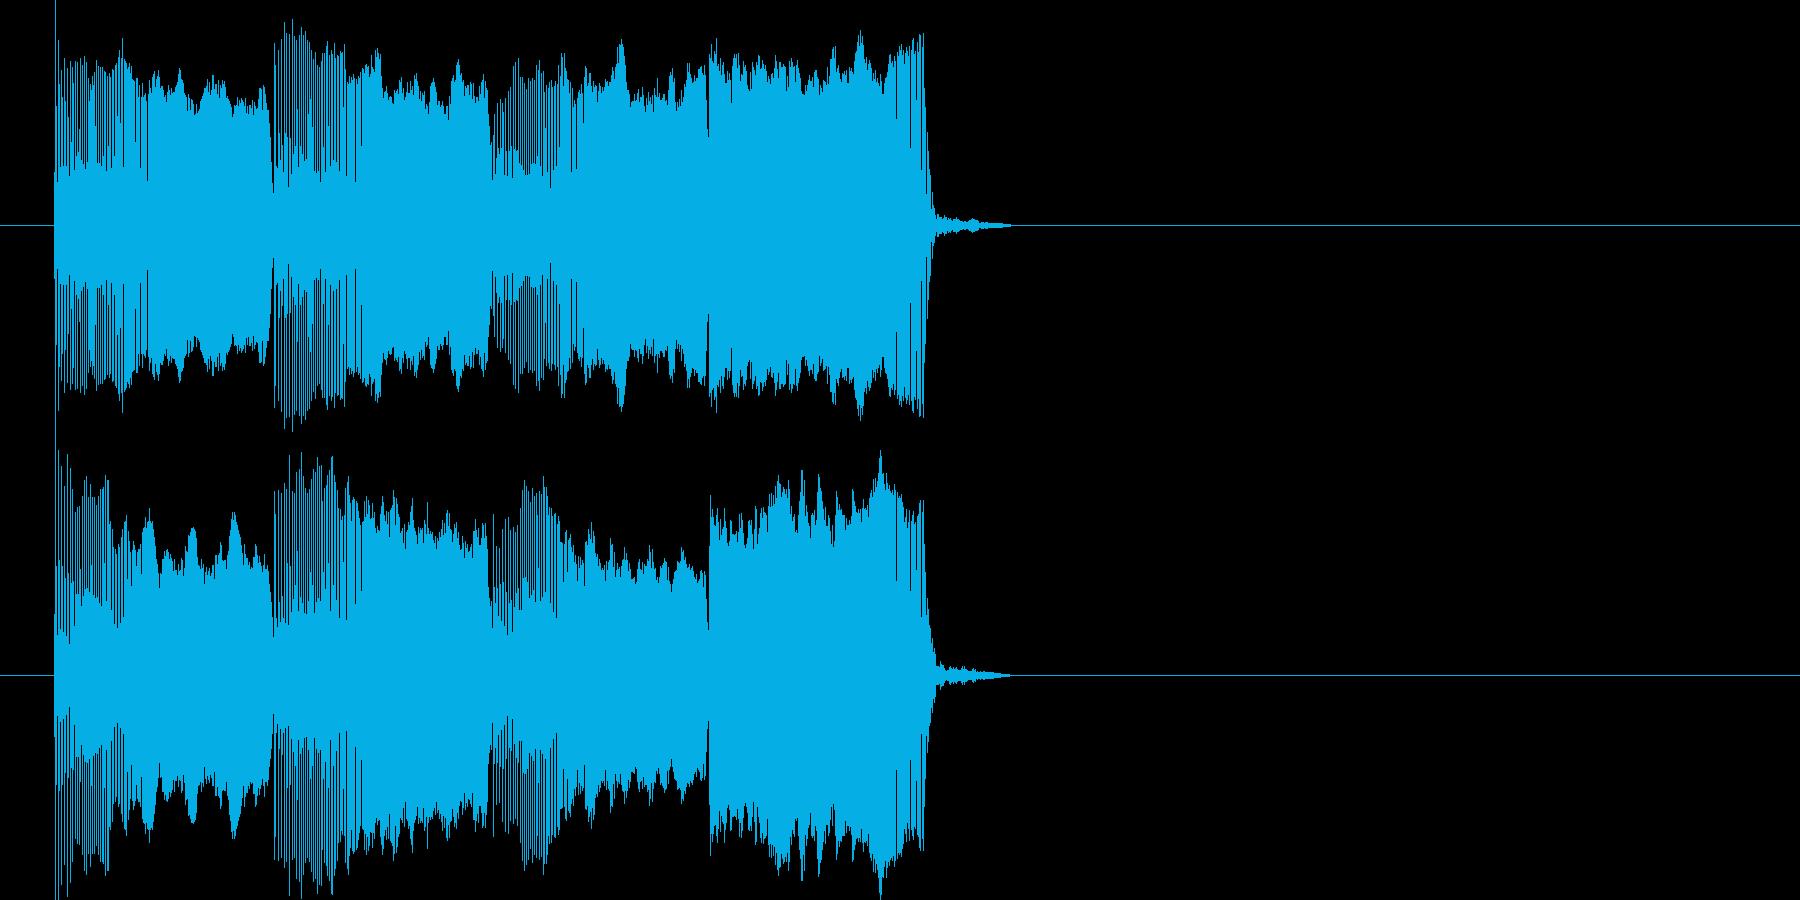 ぴゅーぴゅーぴゅーパー(宇宙船サイレン)の再生済みの波形